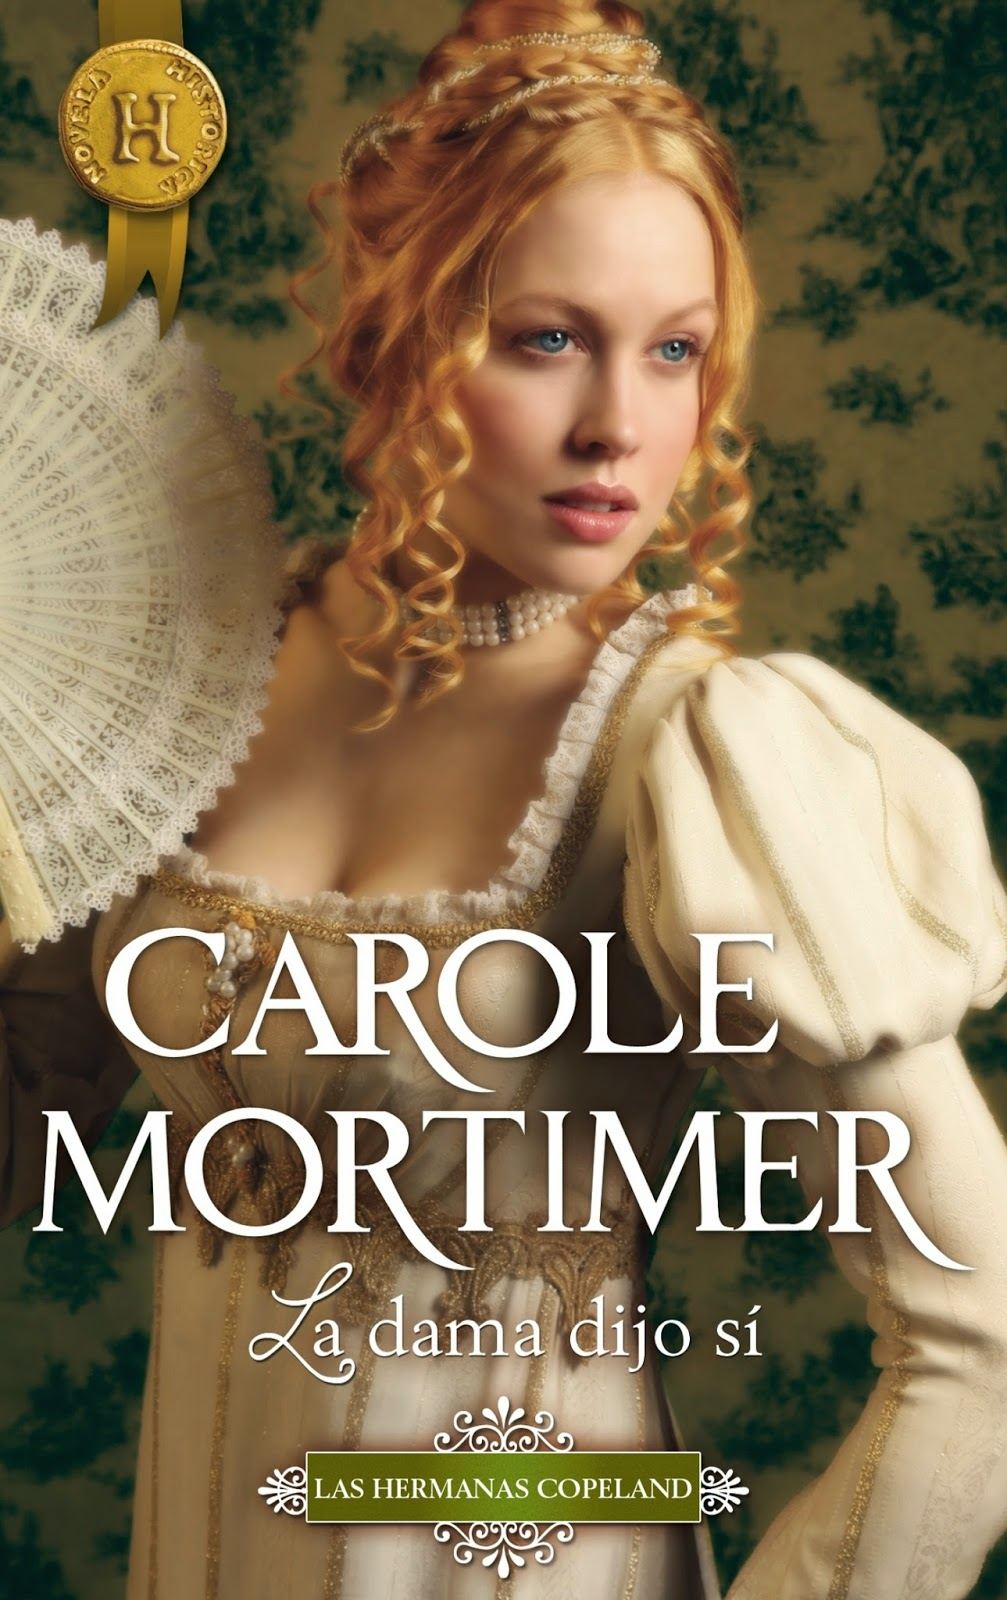 Serie Hermanas Copeland 1, 2 , 3 - Carole Mortimer (Rom) 9788468745749